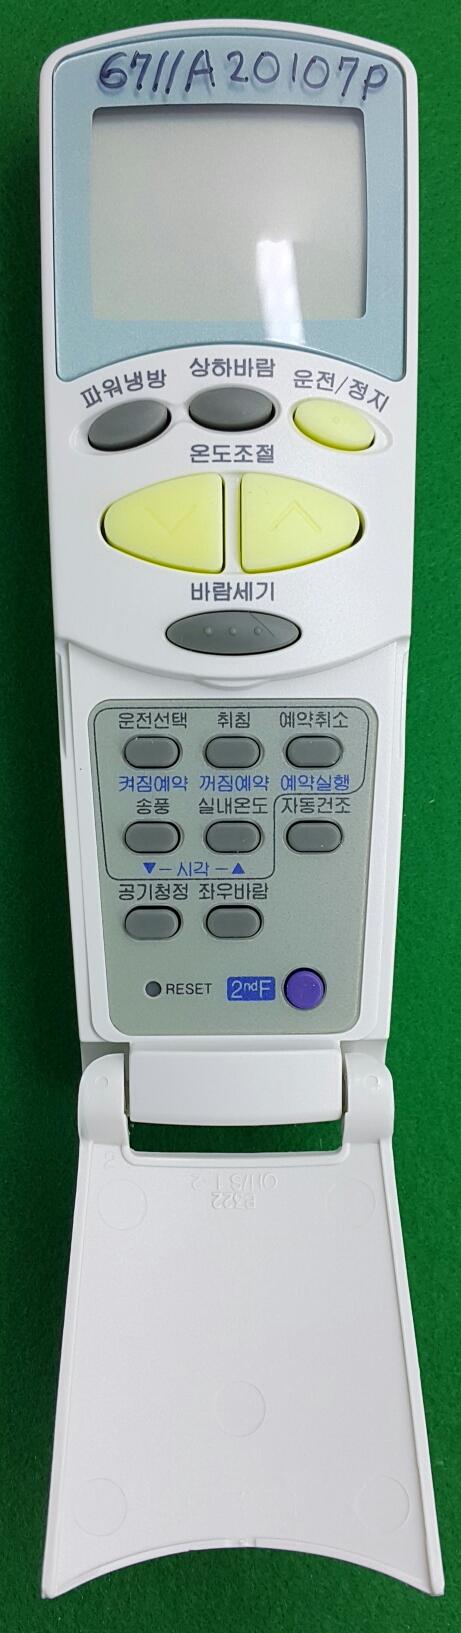 LG 6711A20107P AIR 01.jpg